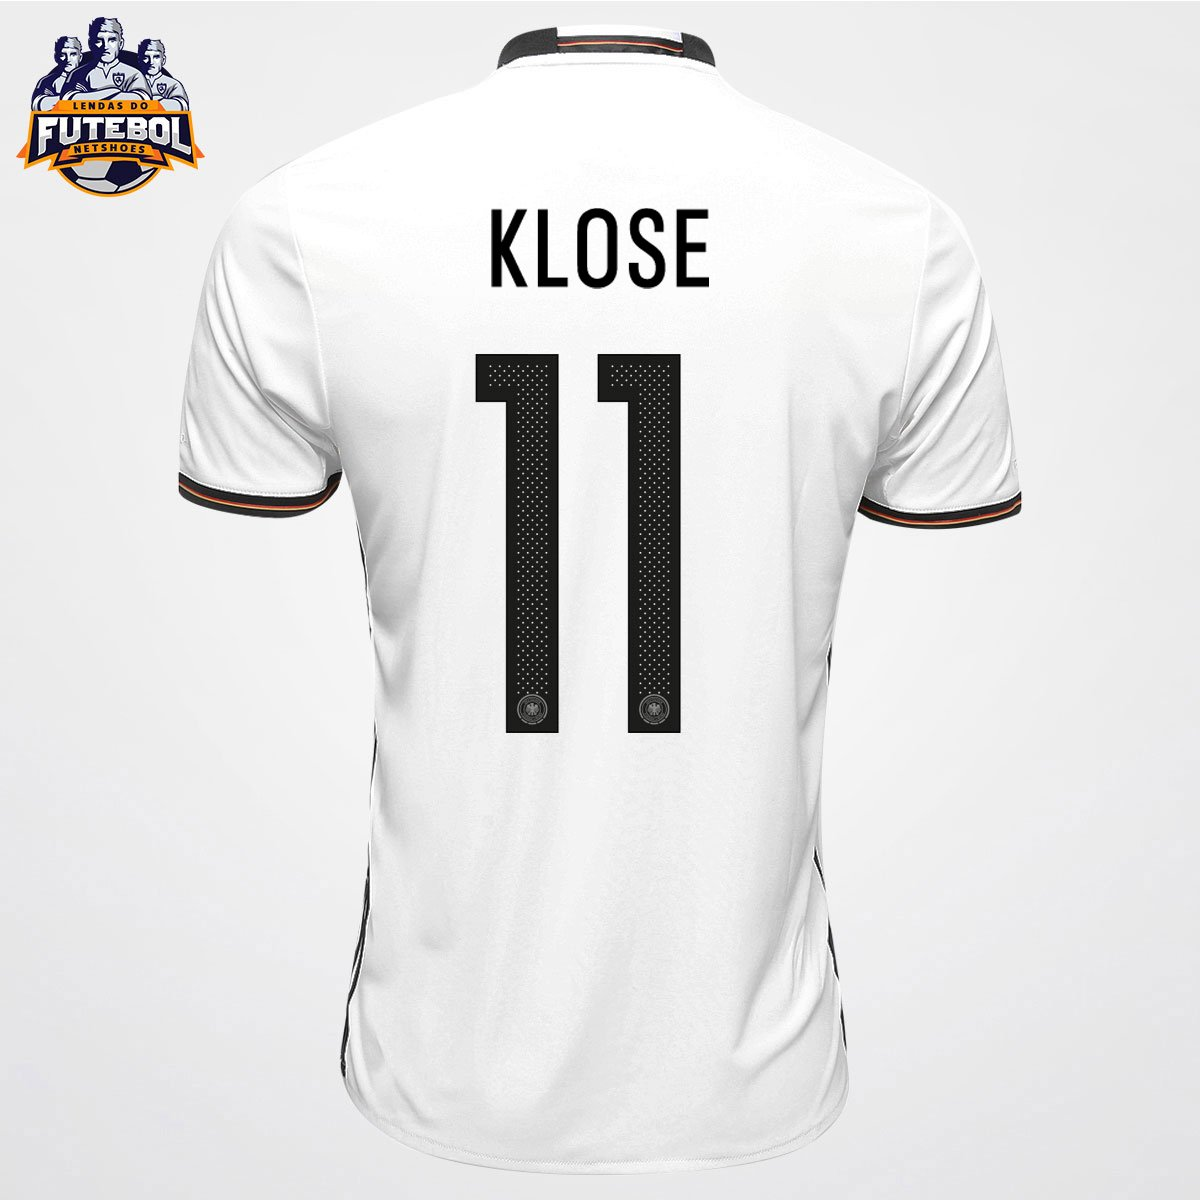 fa144a446d Camisa Adidas Seleção Alemanha Home 2016 nº 11 - Klose - Compre Agora